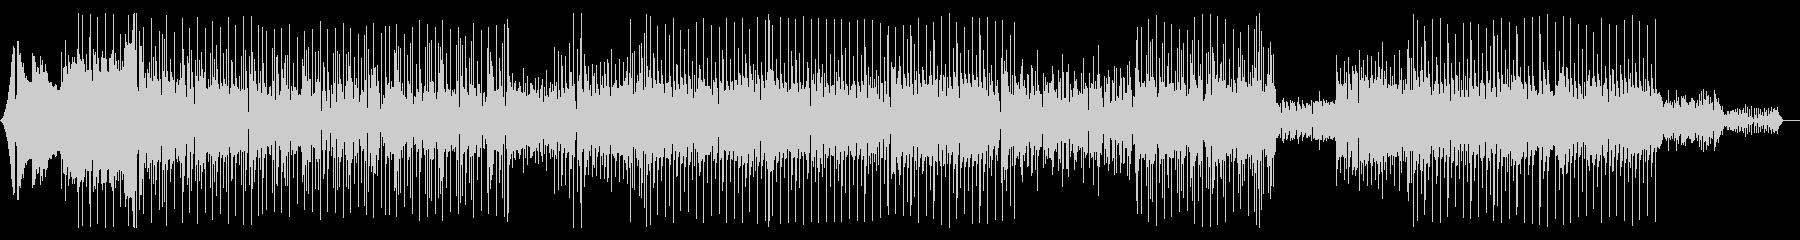 エレピとピアノ、シンセを使ったハウスの未再生の波形